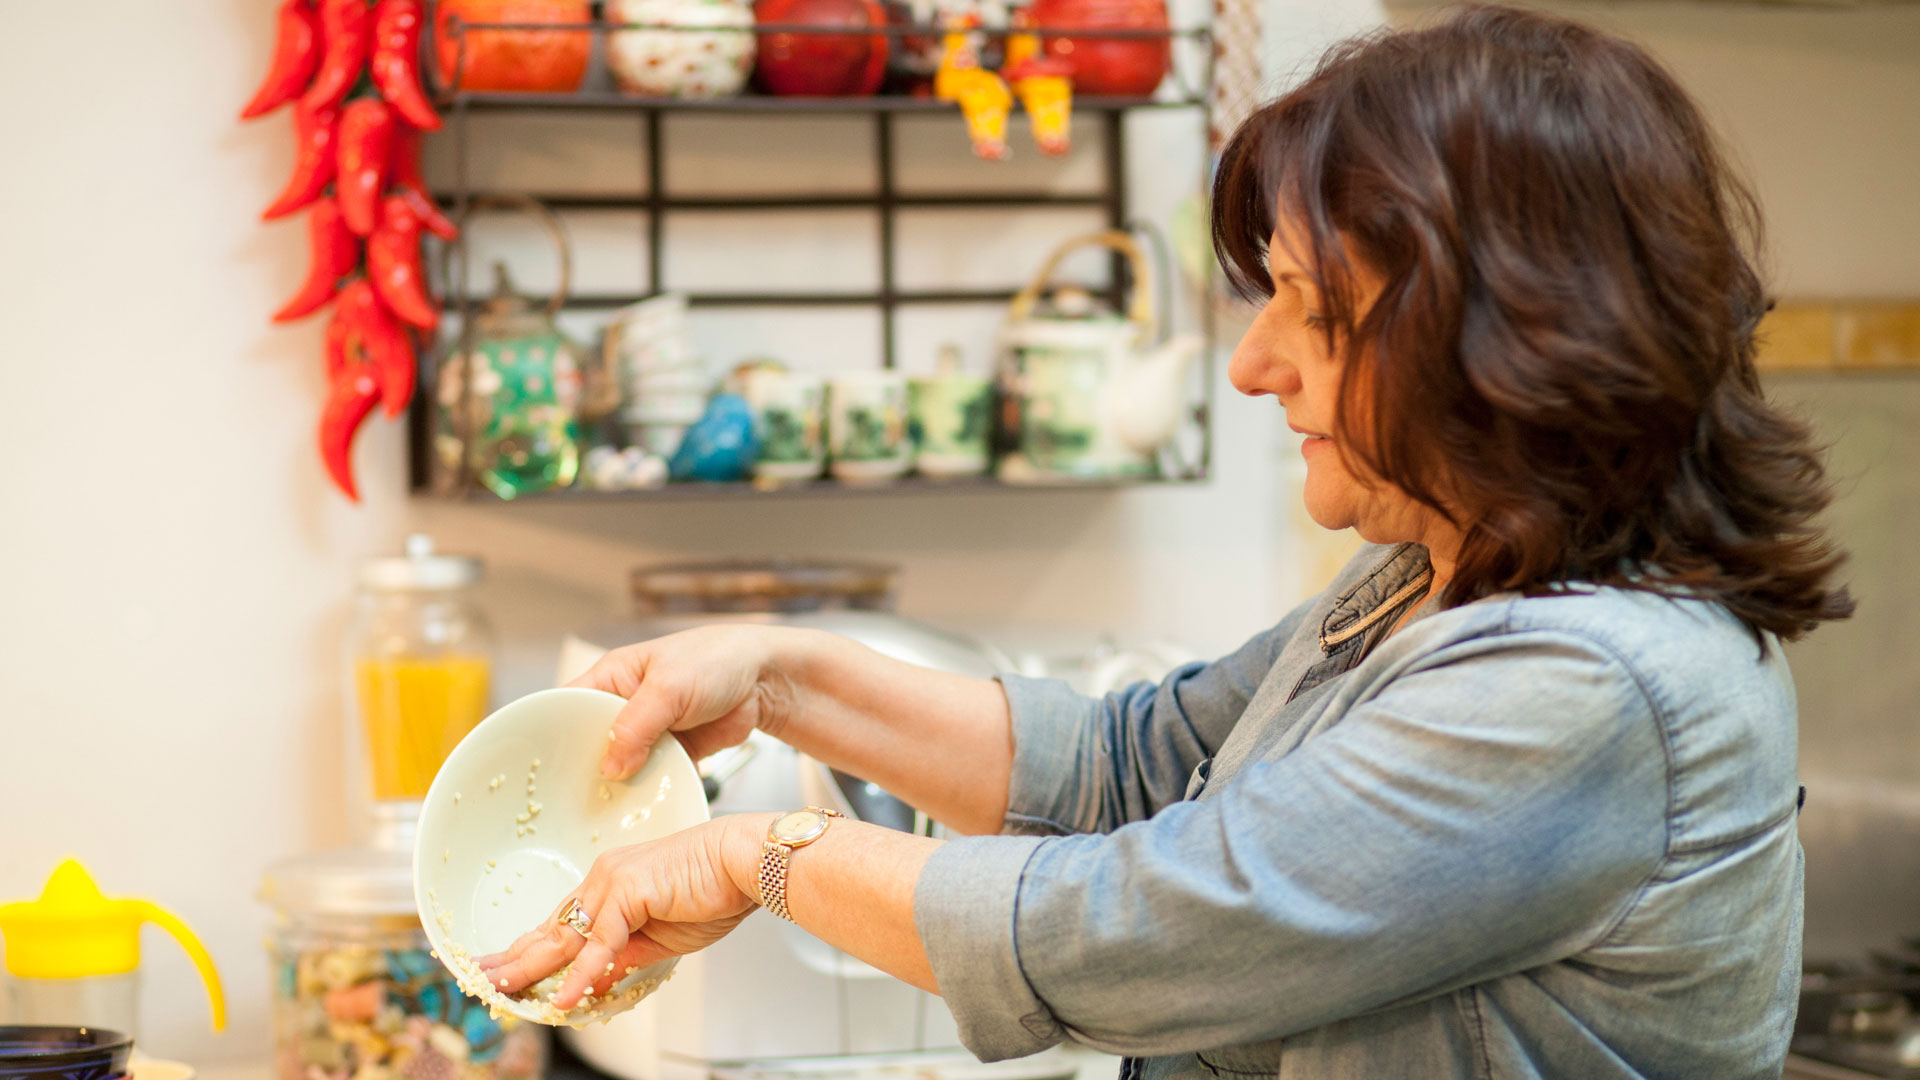 Sara-Prezman-preparing-bulgur-wheat-for-her-delicious-Tabbouleh-Salad-recipe-Foodadit